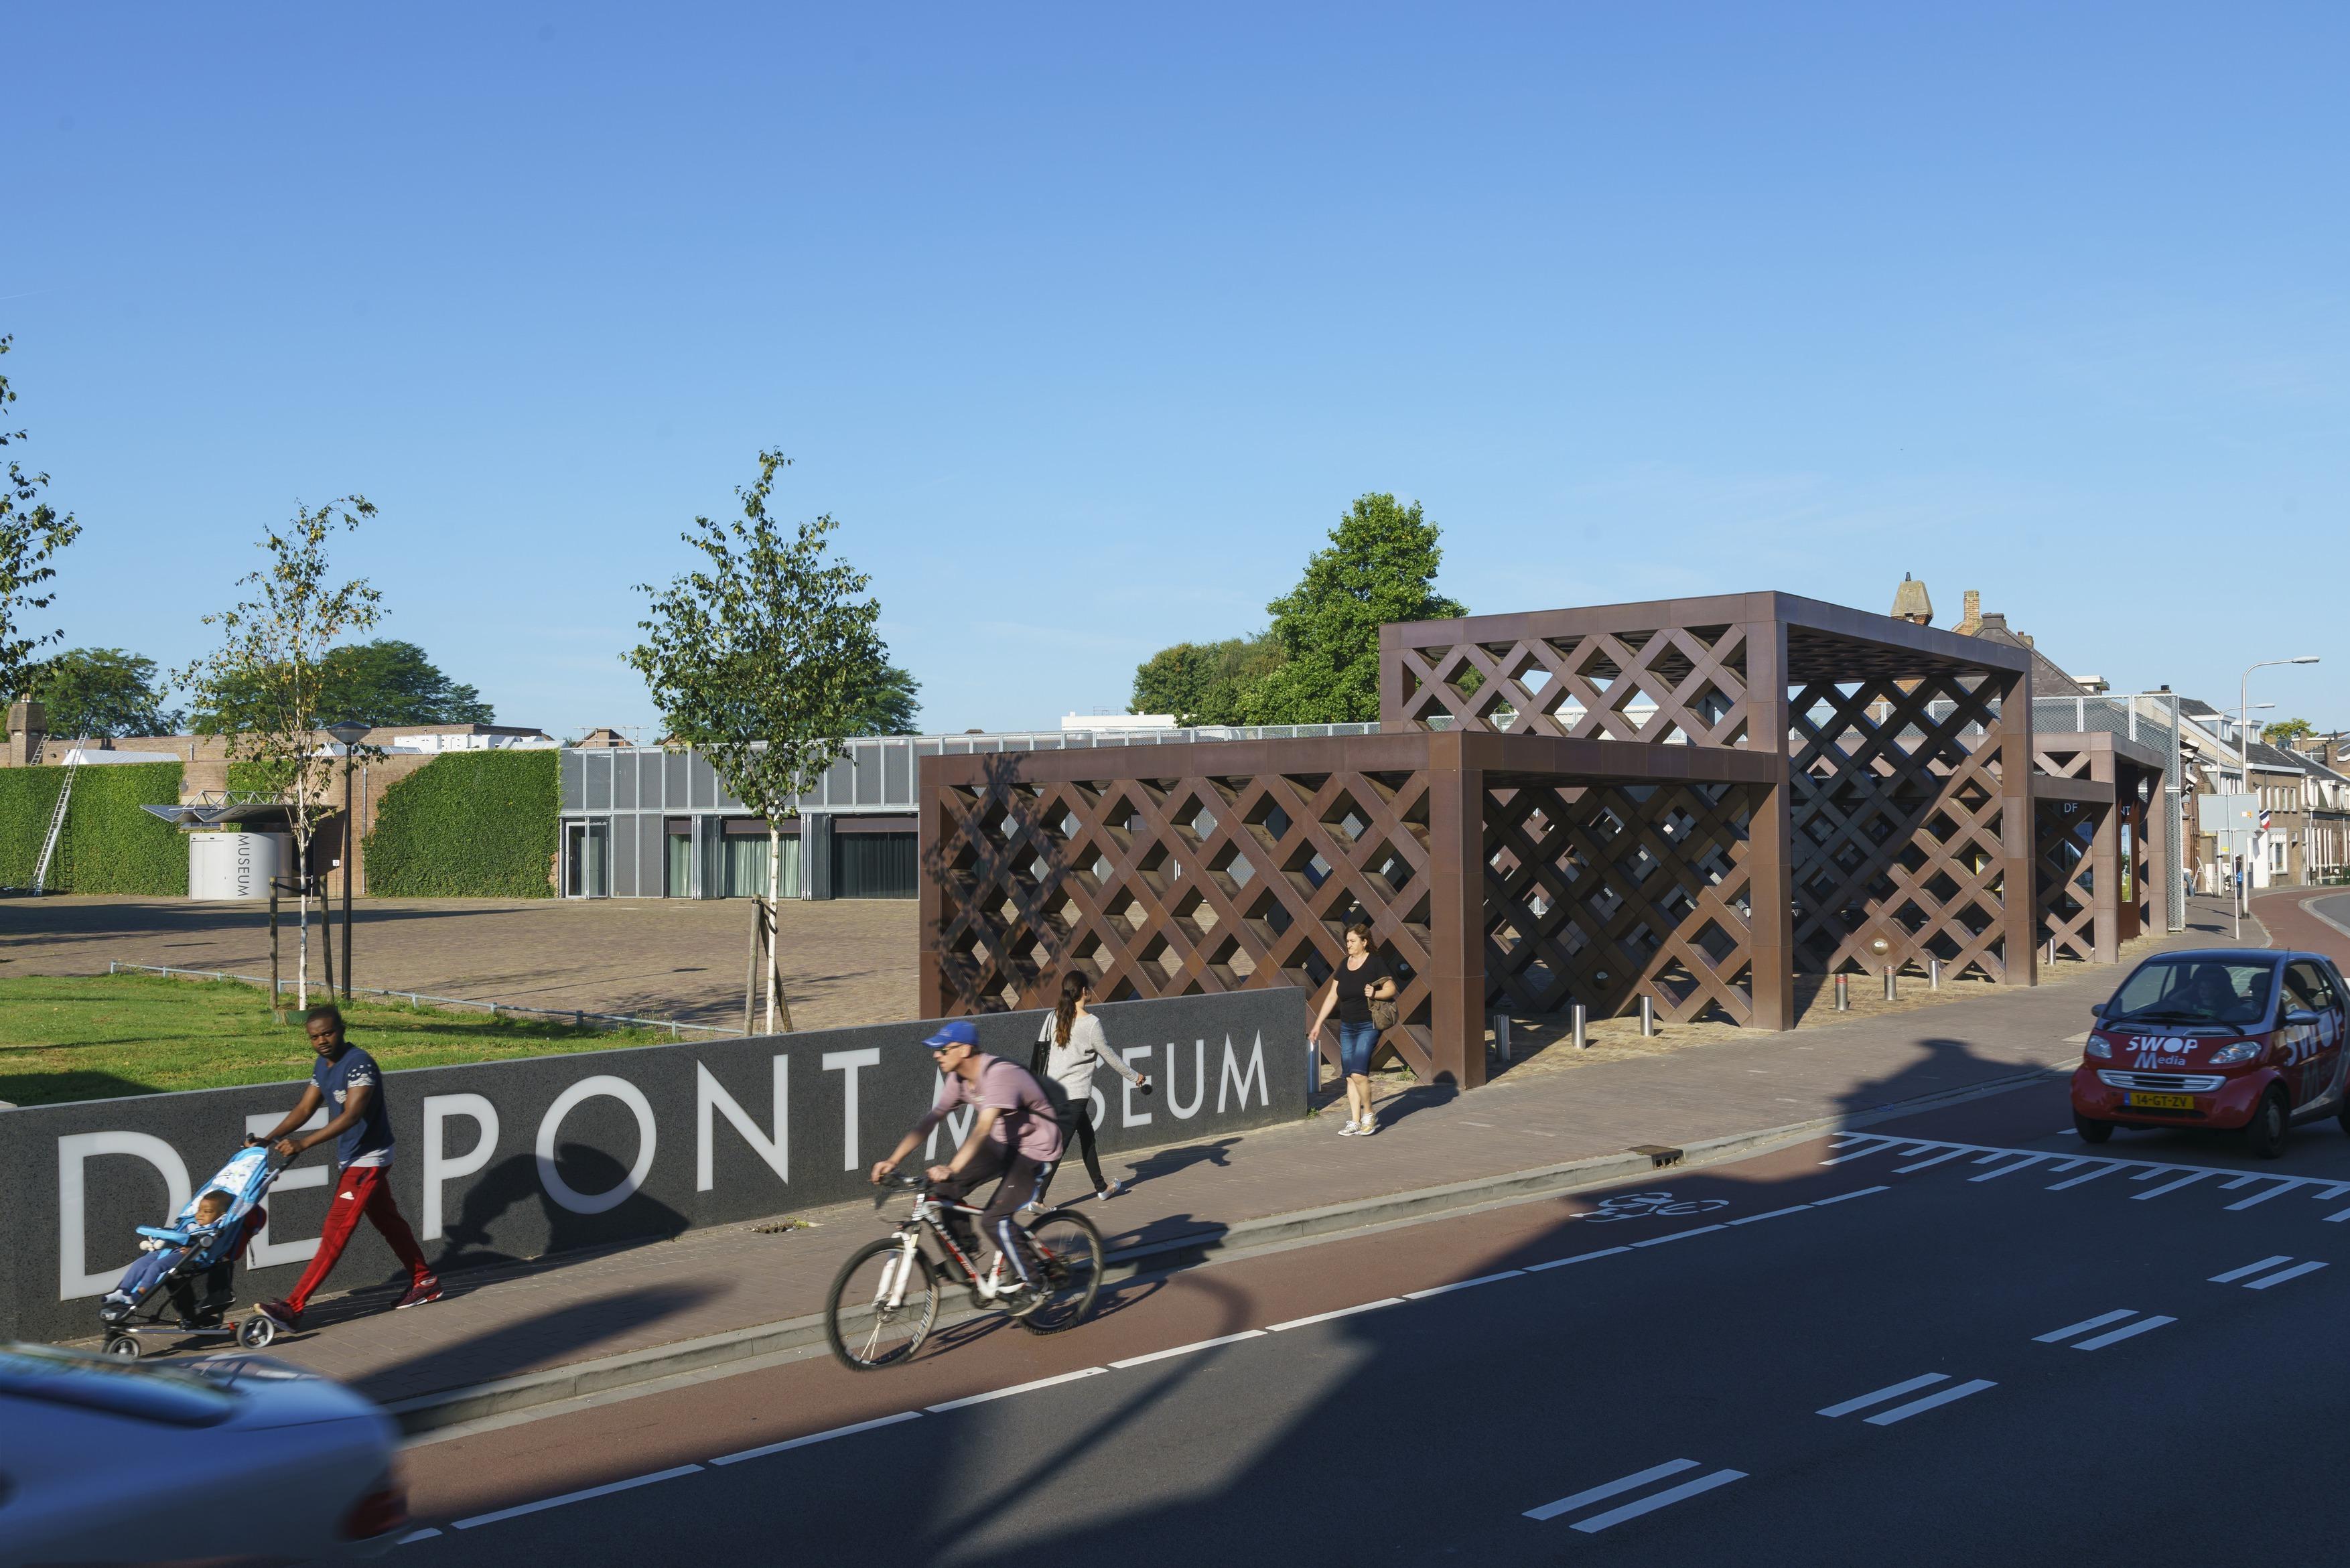 712 Voorgebied De Pont N15 a4